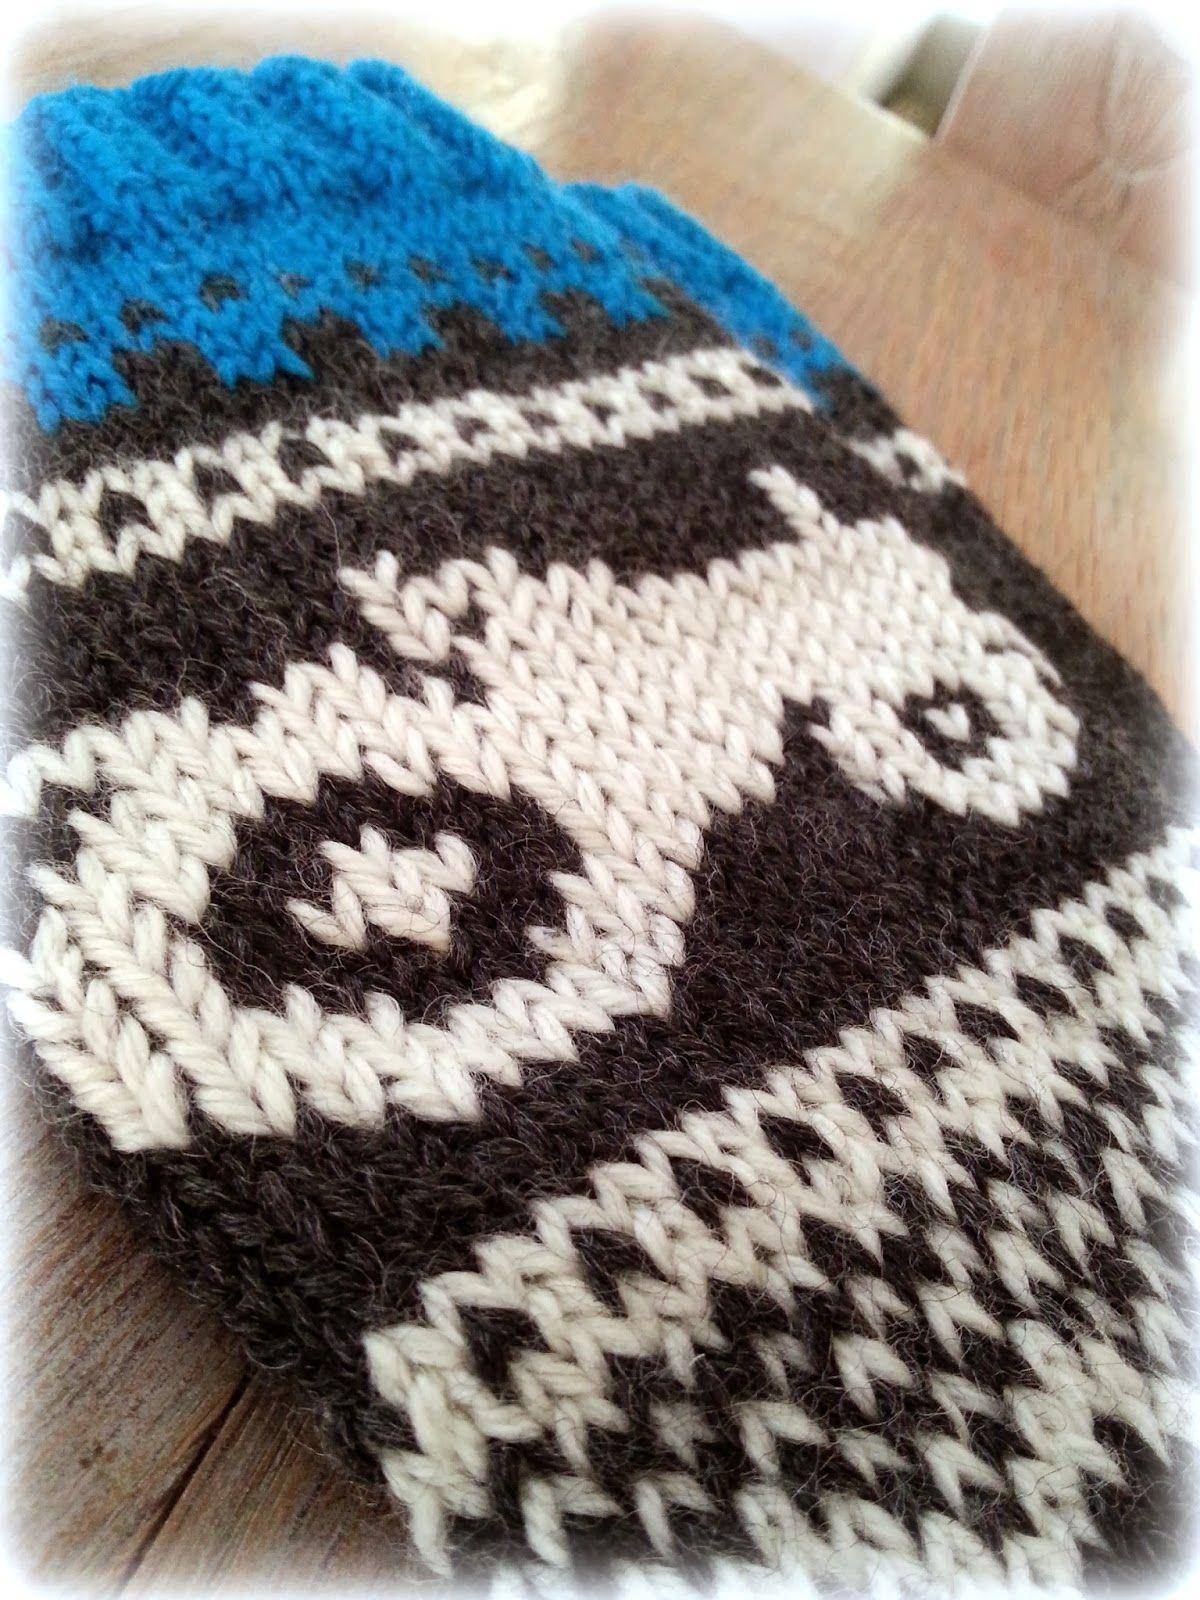 Fant et bilde av noen sånne   Marius-Traktor-Sokker   på nettet og fant ut at det var den   perfekte gaven til en kompis av oss.        ...